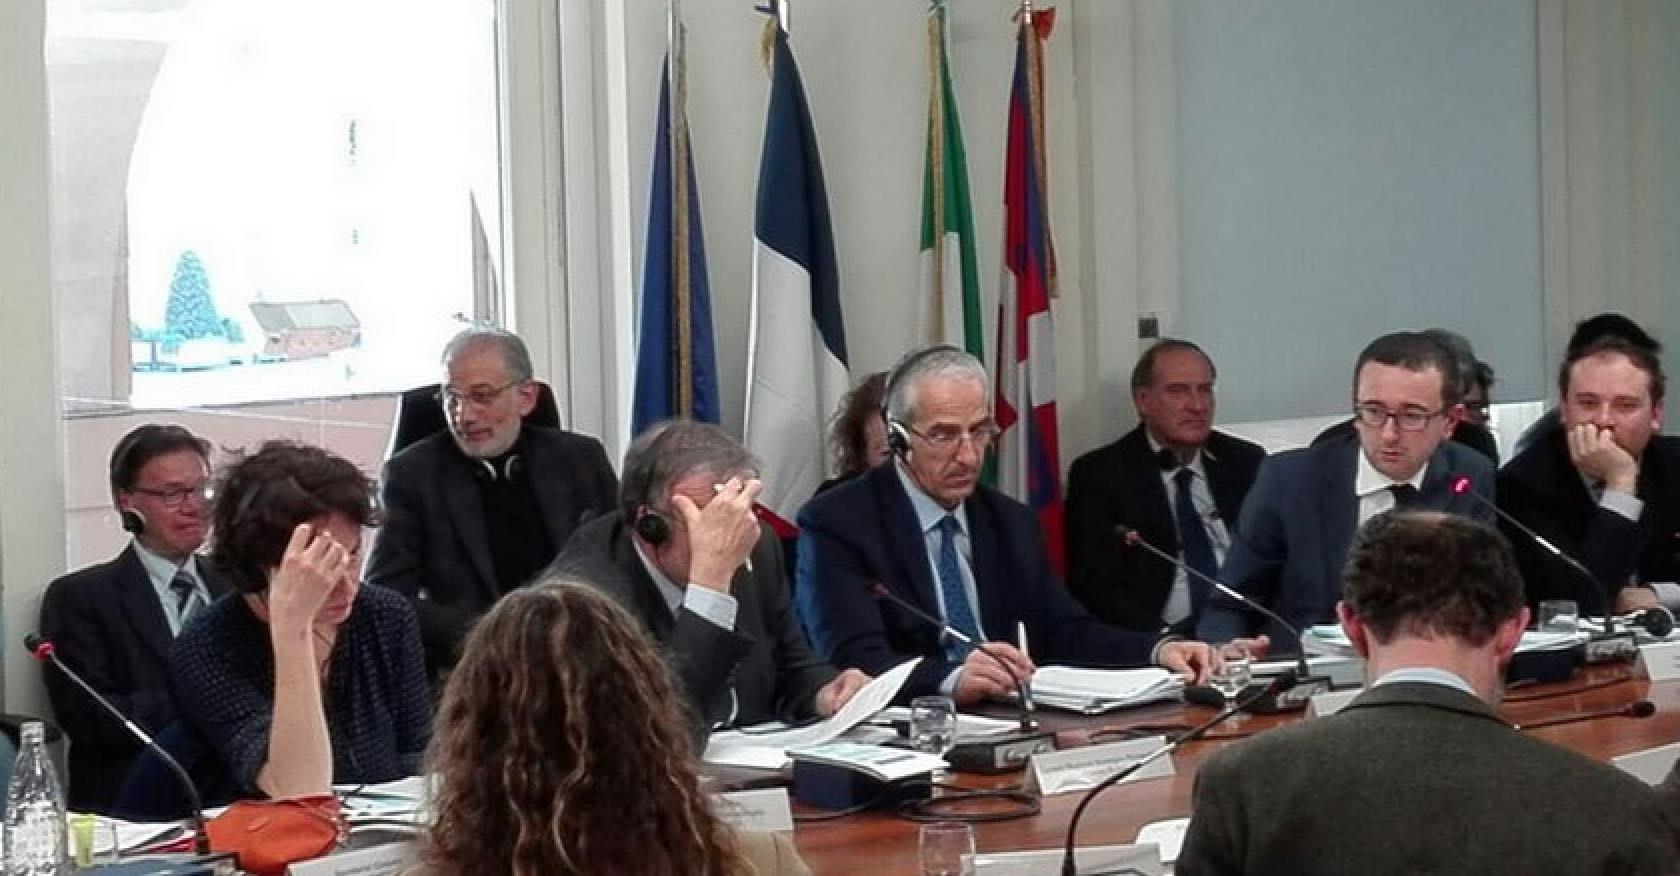 La Guida - Progetti Alcoltra, 4 milioni di euro alla Granda